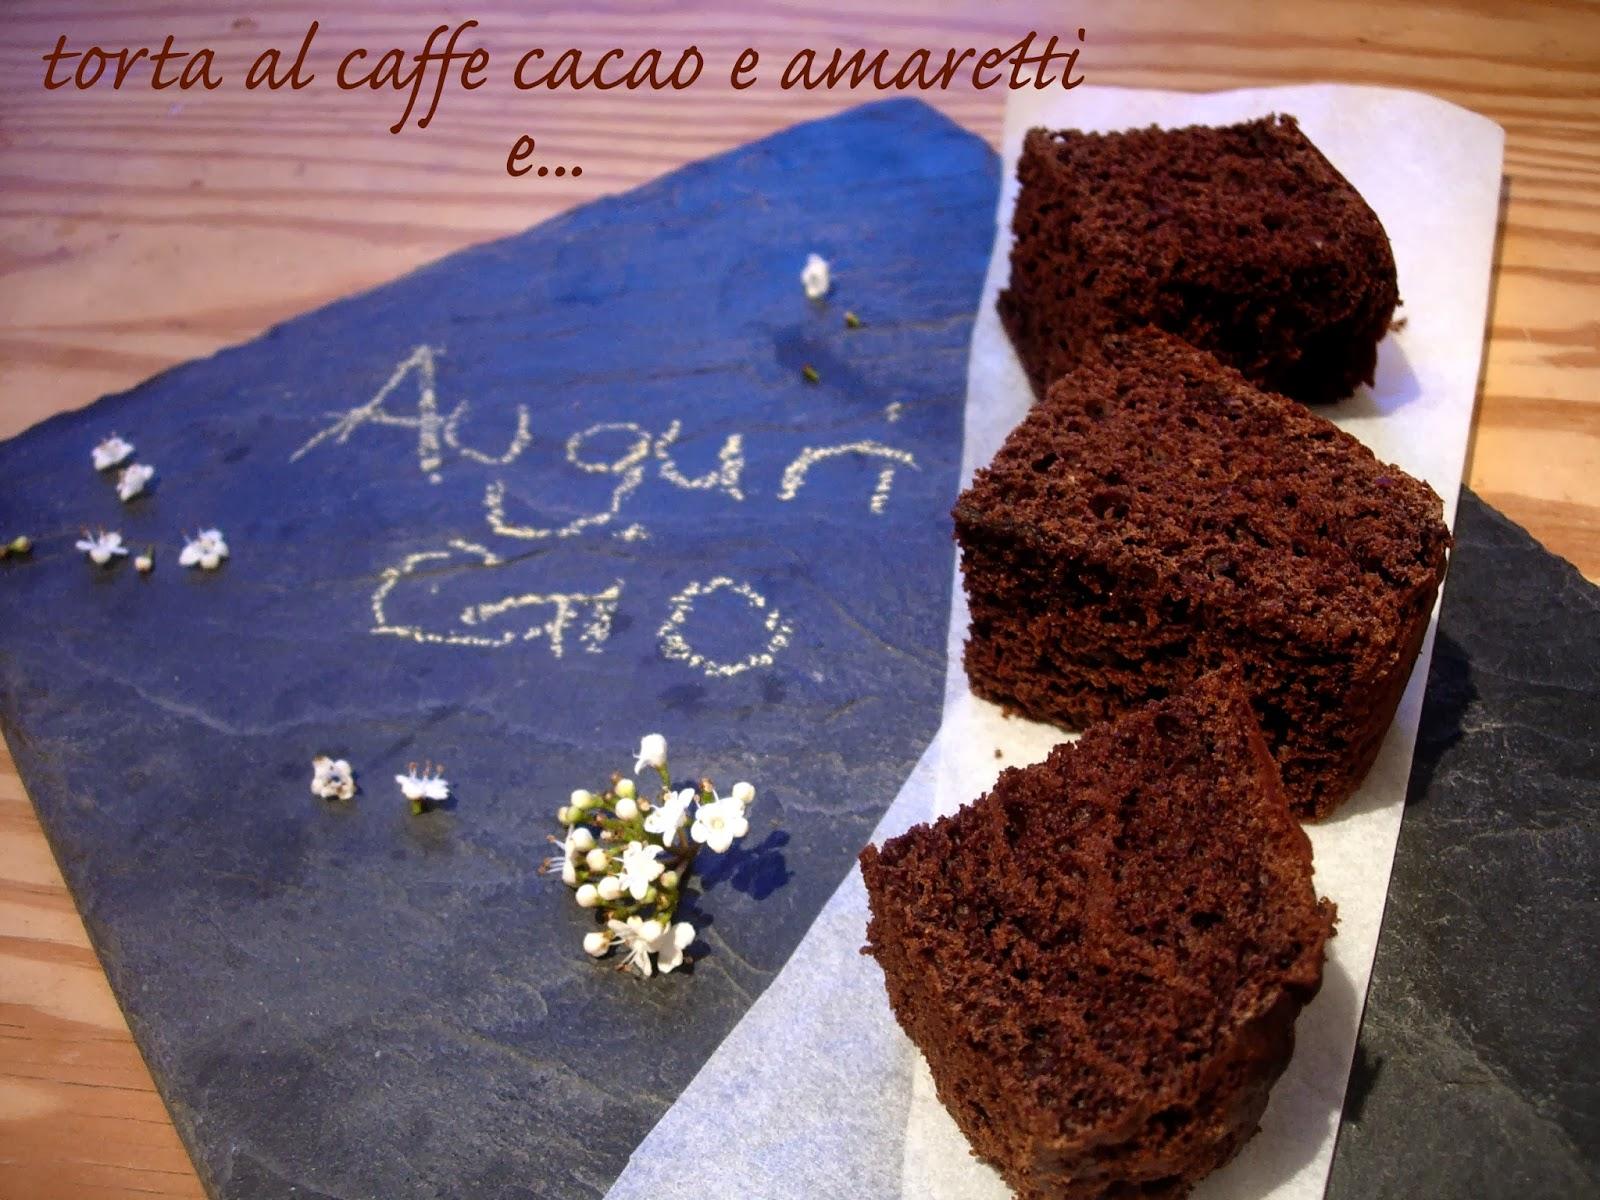 torta al caffe, cacao e amaretti